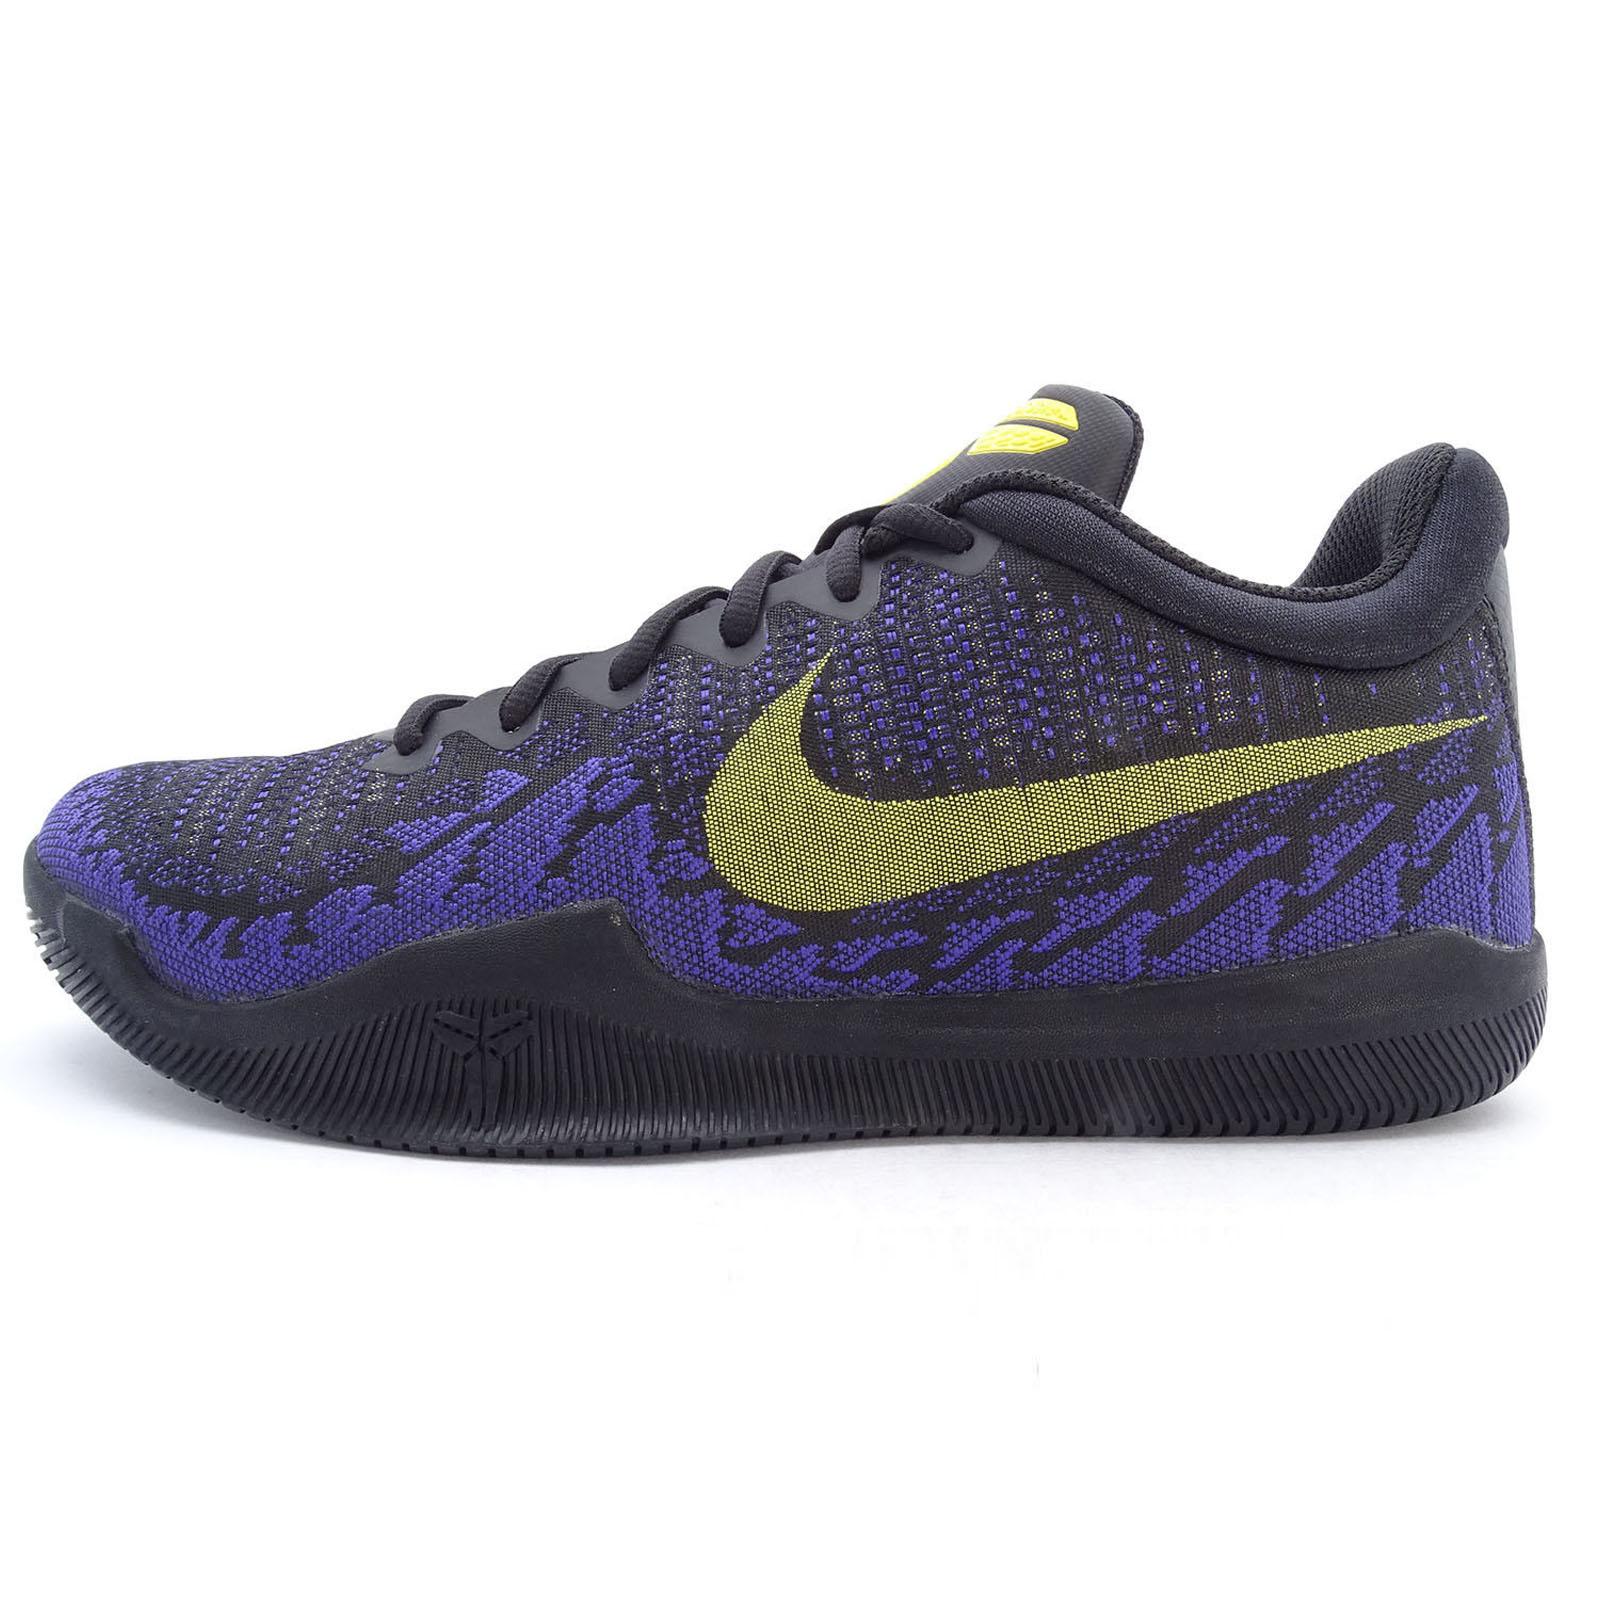 《限時特價↘7折免運》Nike Mamba Rage EP 男鞋 籃球 KOBE 曼巴 氣墊 黑 紫 黃 【運動世界】 908974-024